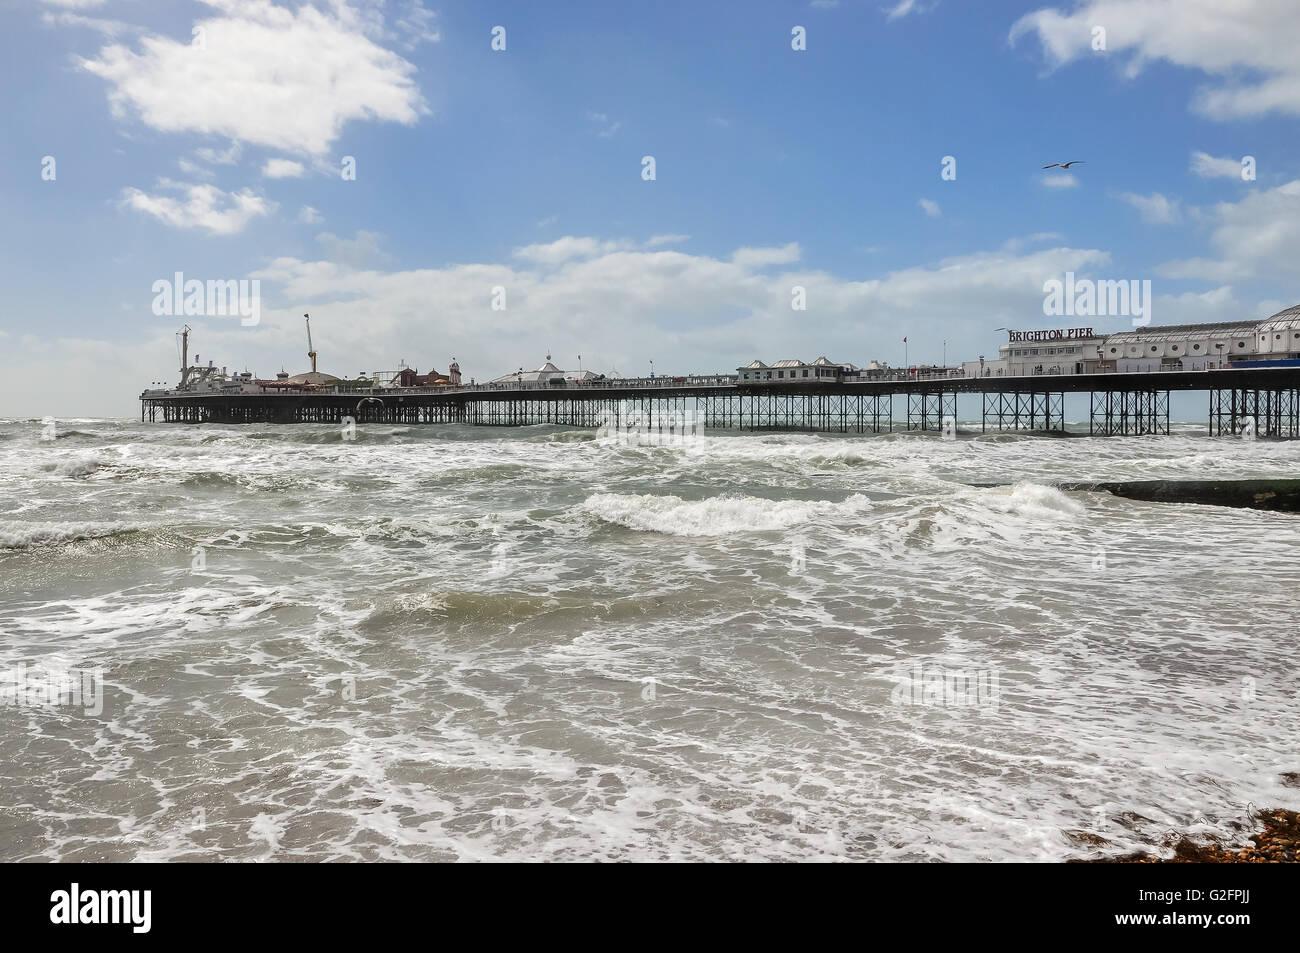 Vista del mare mosso e il Brighton Pier in una giornata ventosa, Regno Unito Immagini Stock